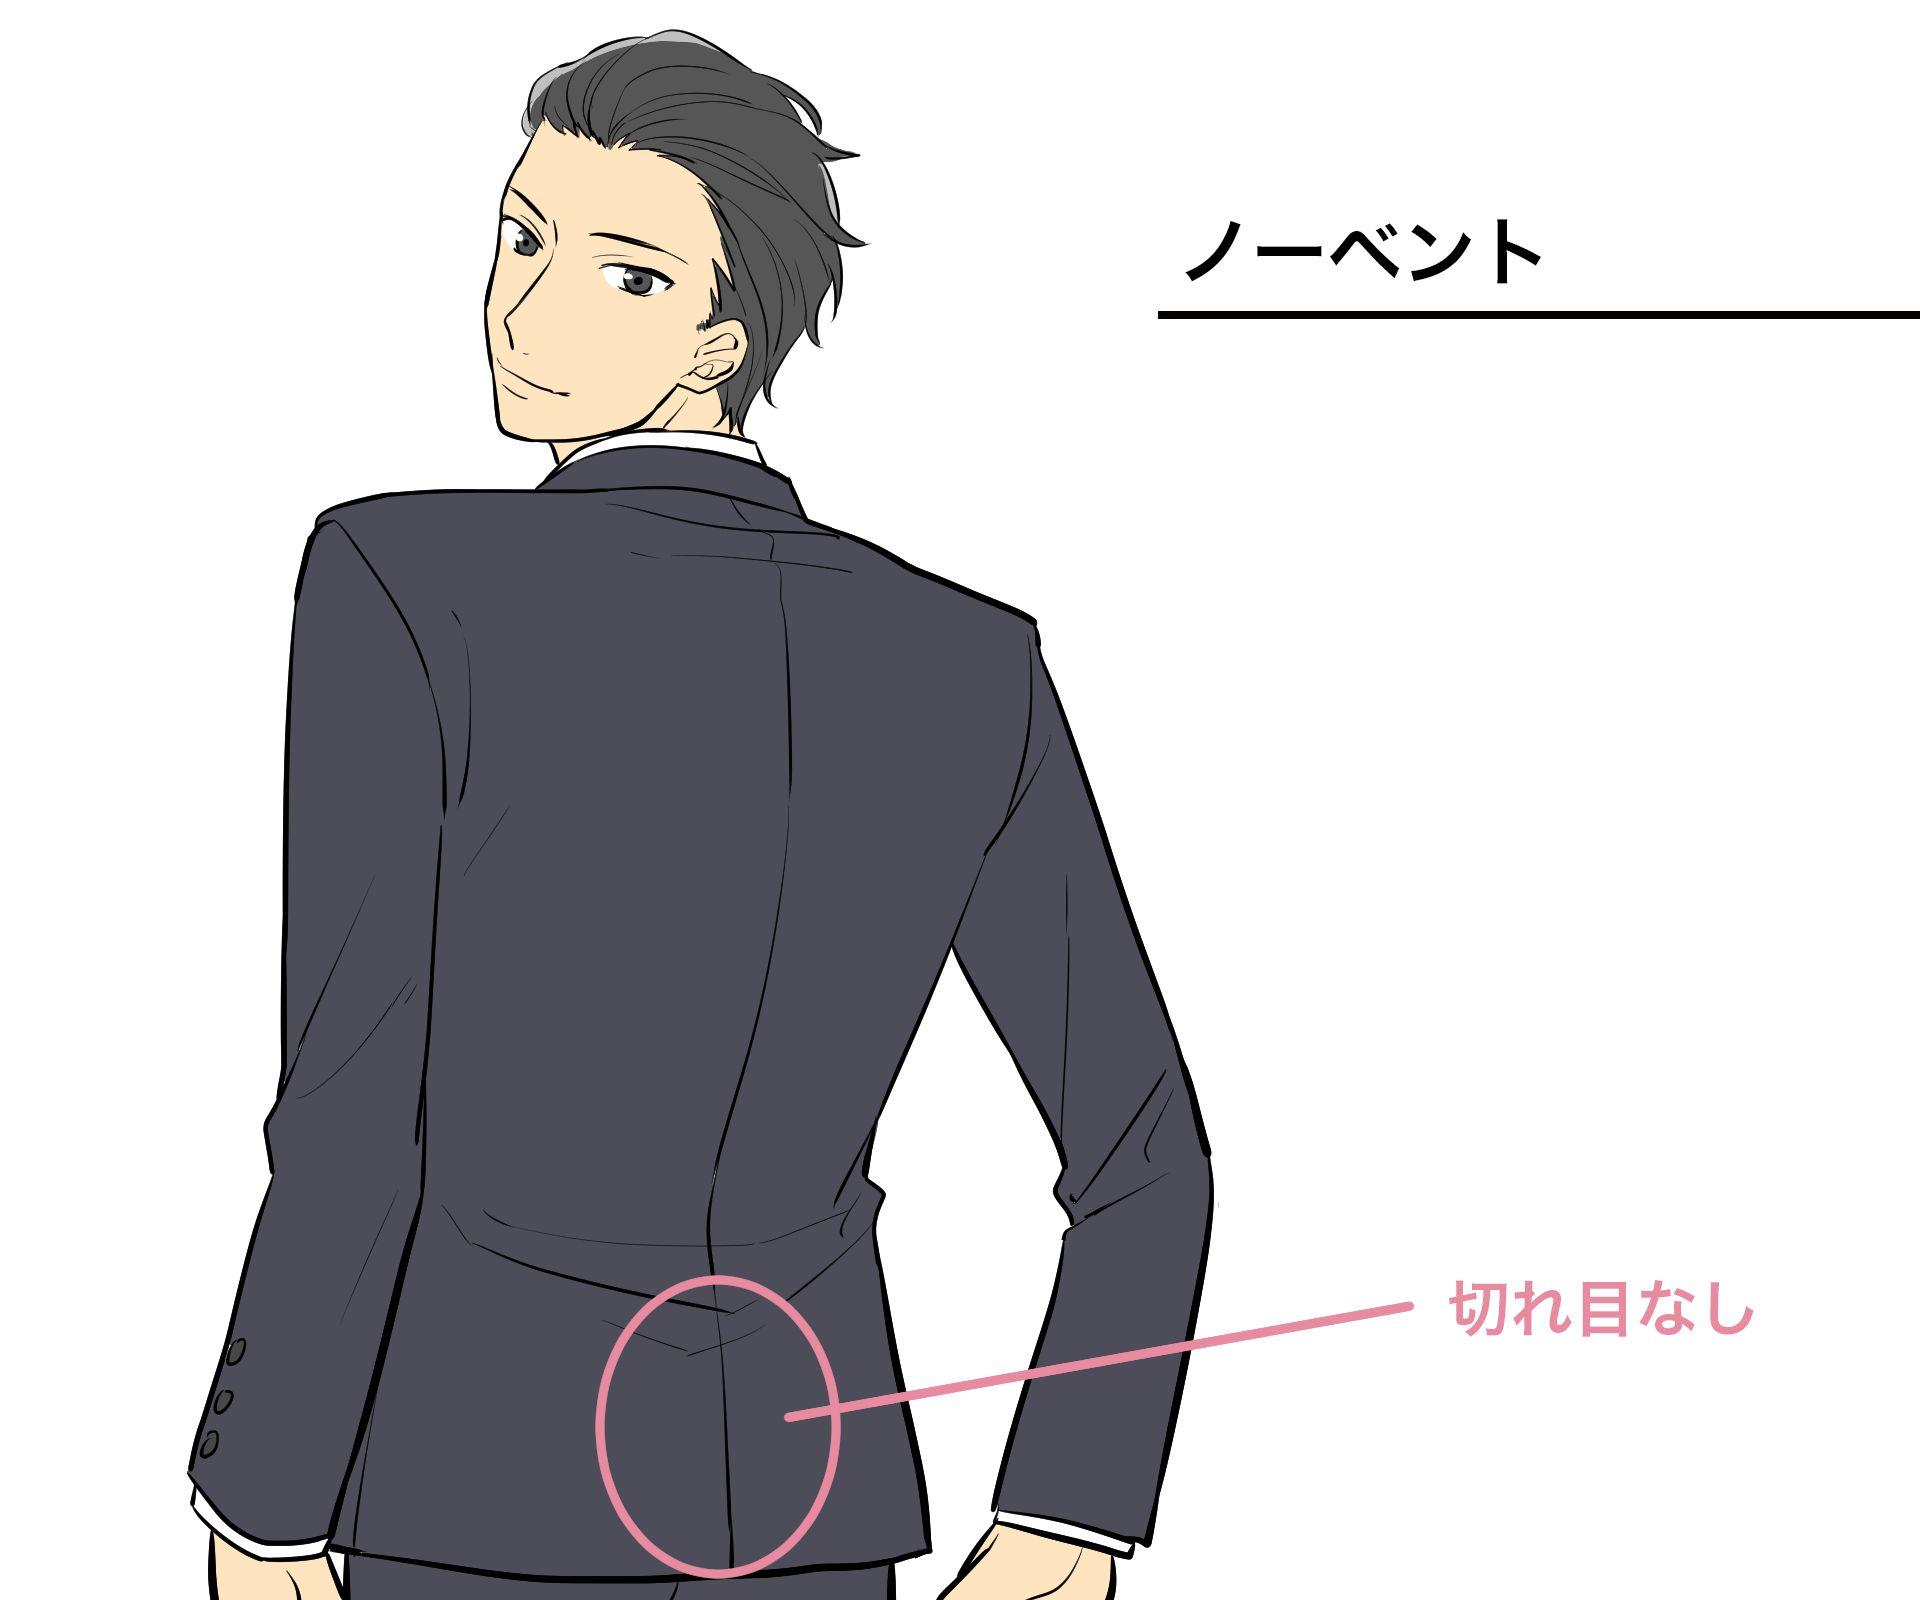 かっこいいスーツ姿を描く! スーツ男子の描き方講座 - 動画で学ぶ!by